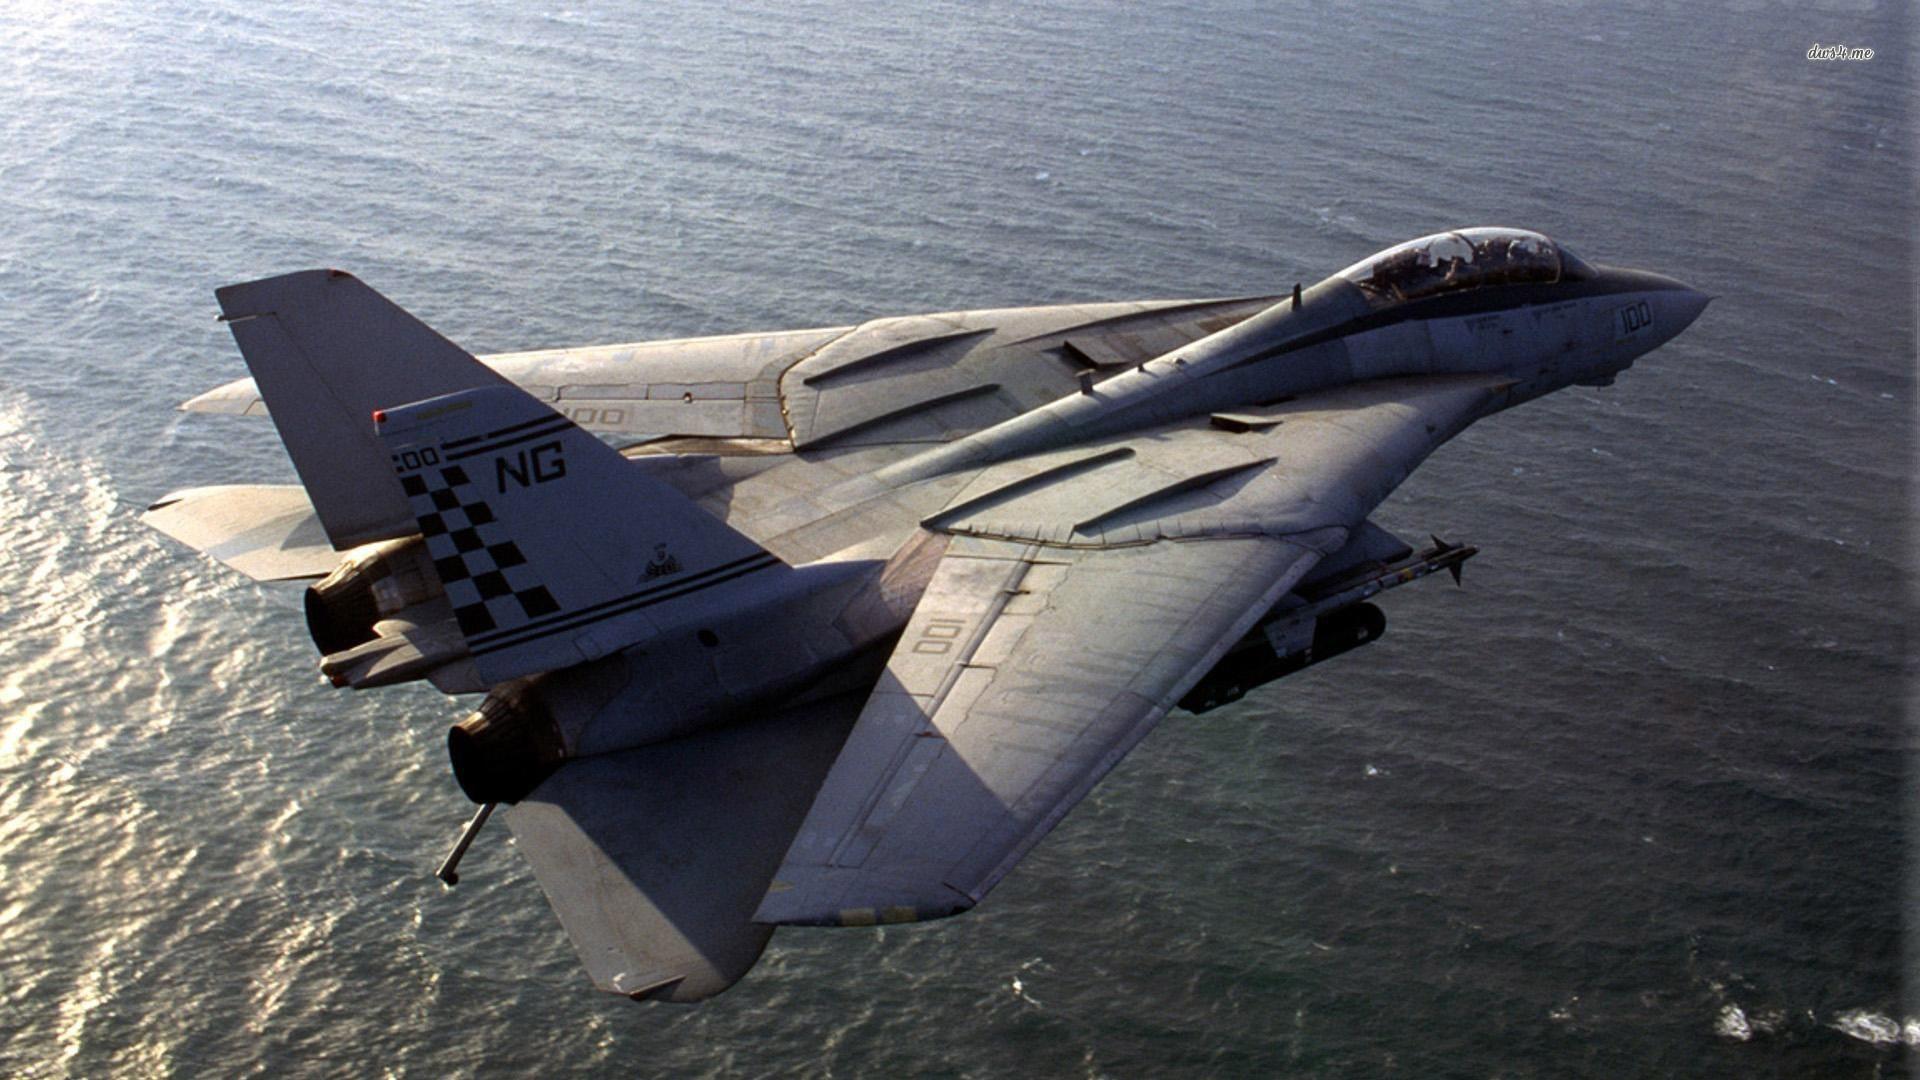 Res: 1920x1080, Grumman F 14 Tomcat